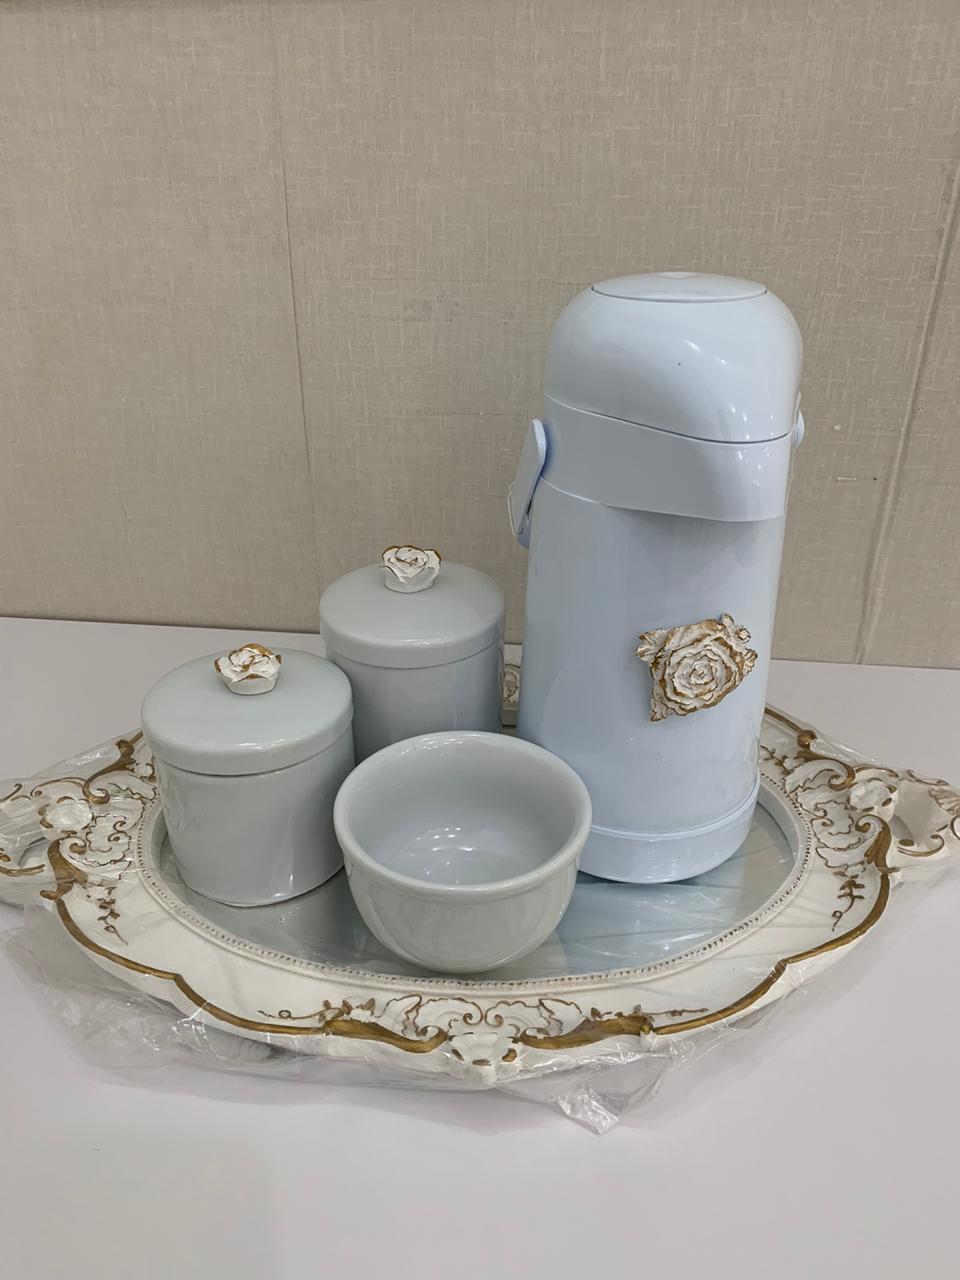 Kit Higiene 5 peças Coleção Flor Imperial com Garrafa Térmica